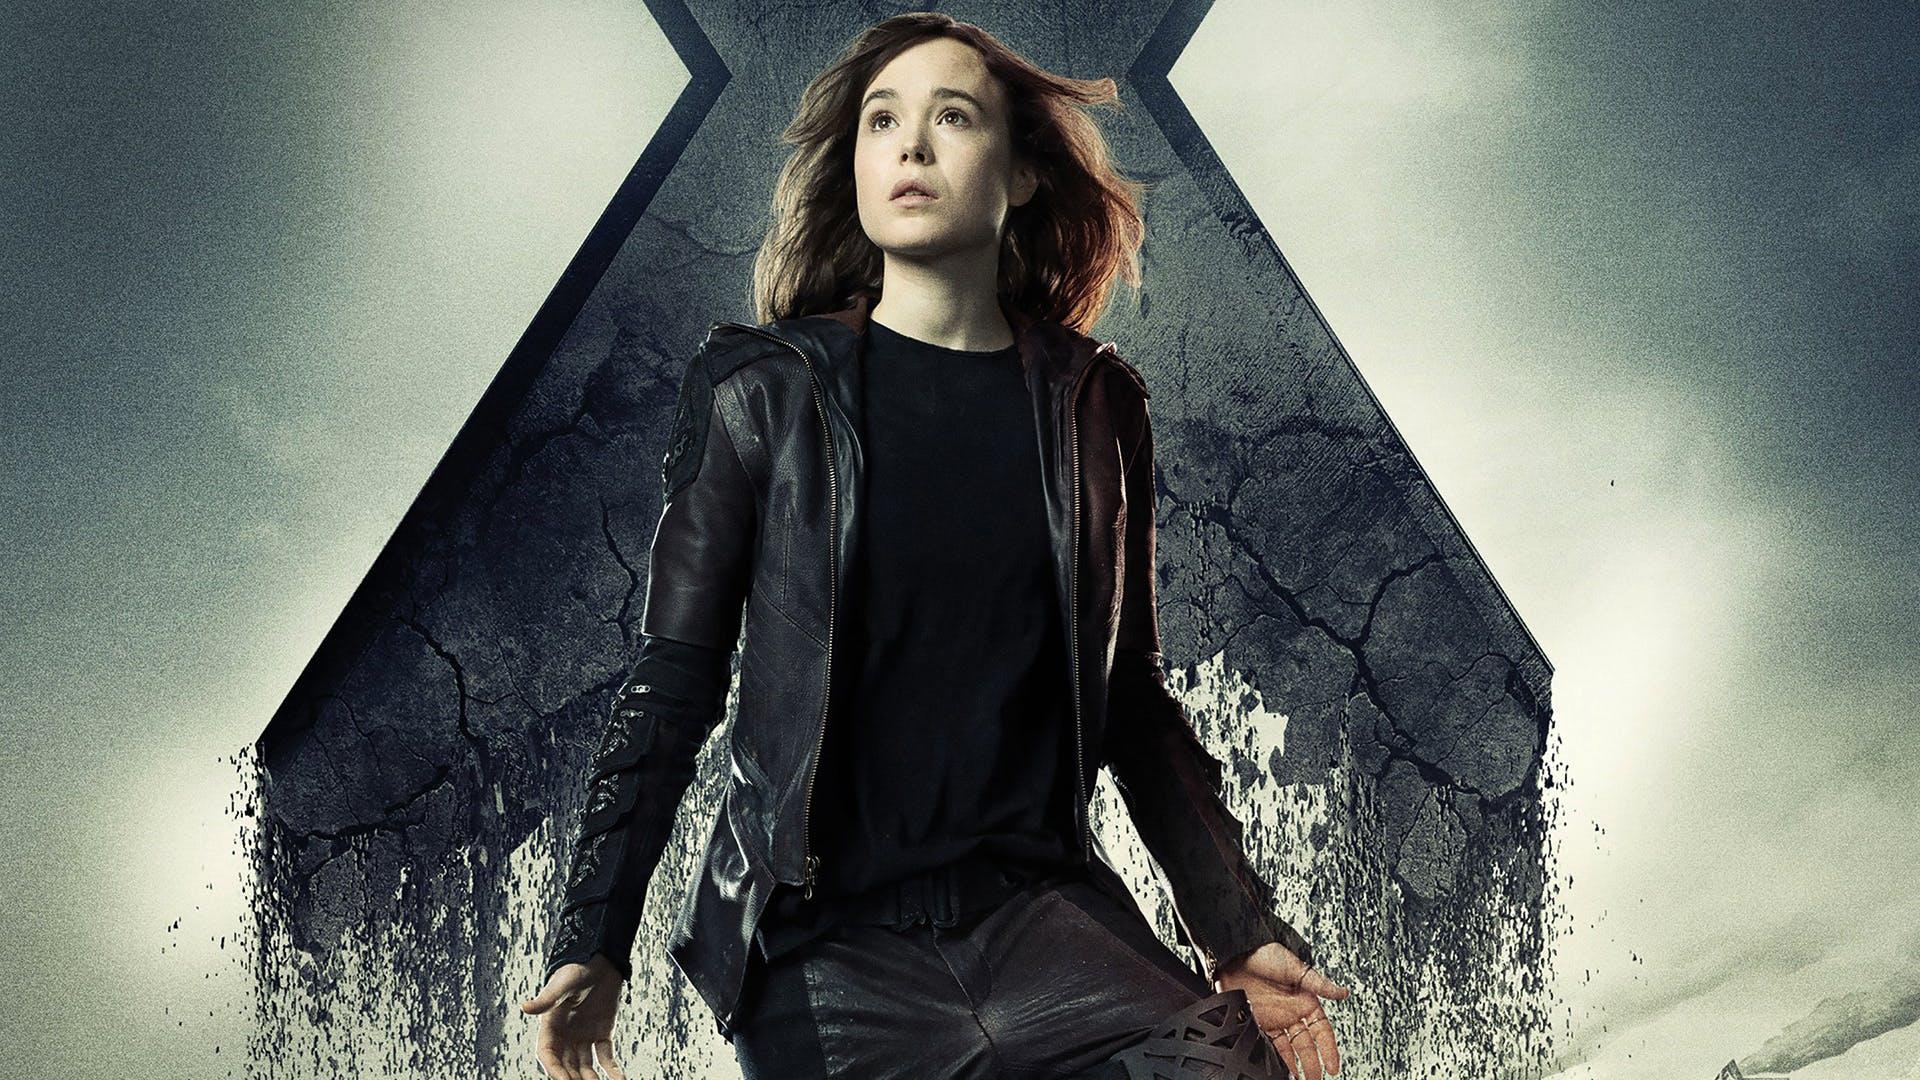 A Ellen Page le encantaría volver a interpretar el papel de Kitty Pryde para la película spin-off X-Men de Tim Miller